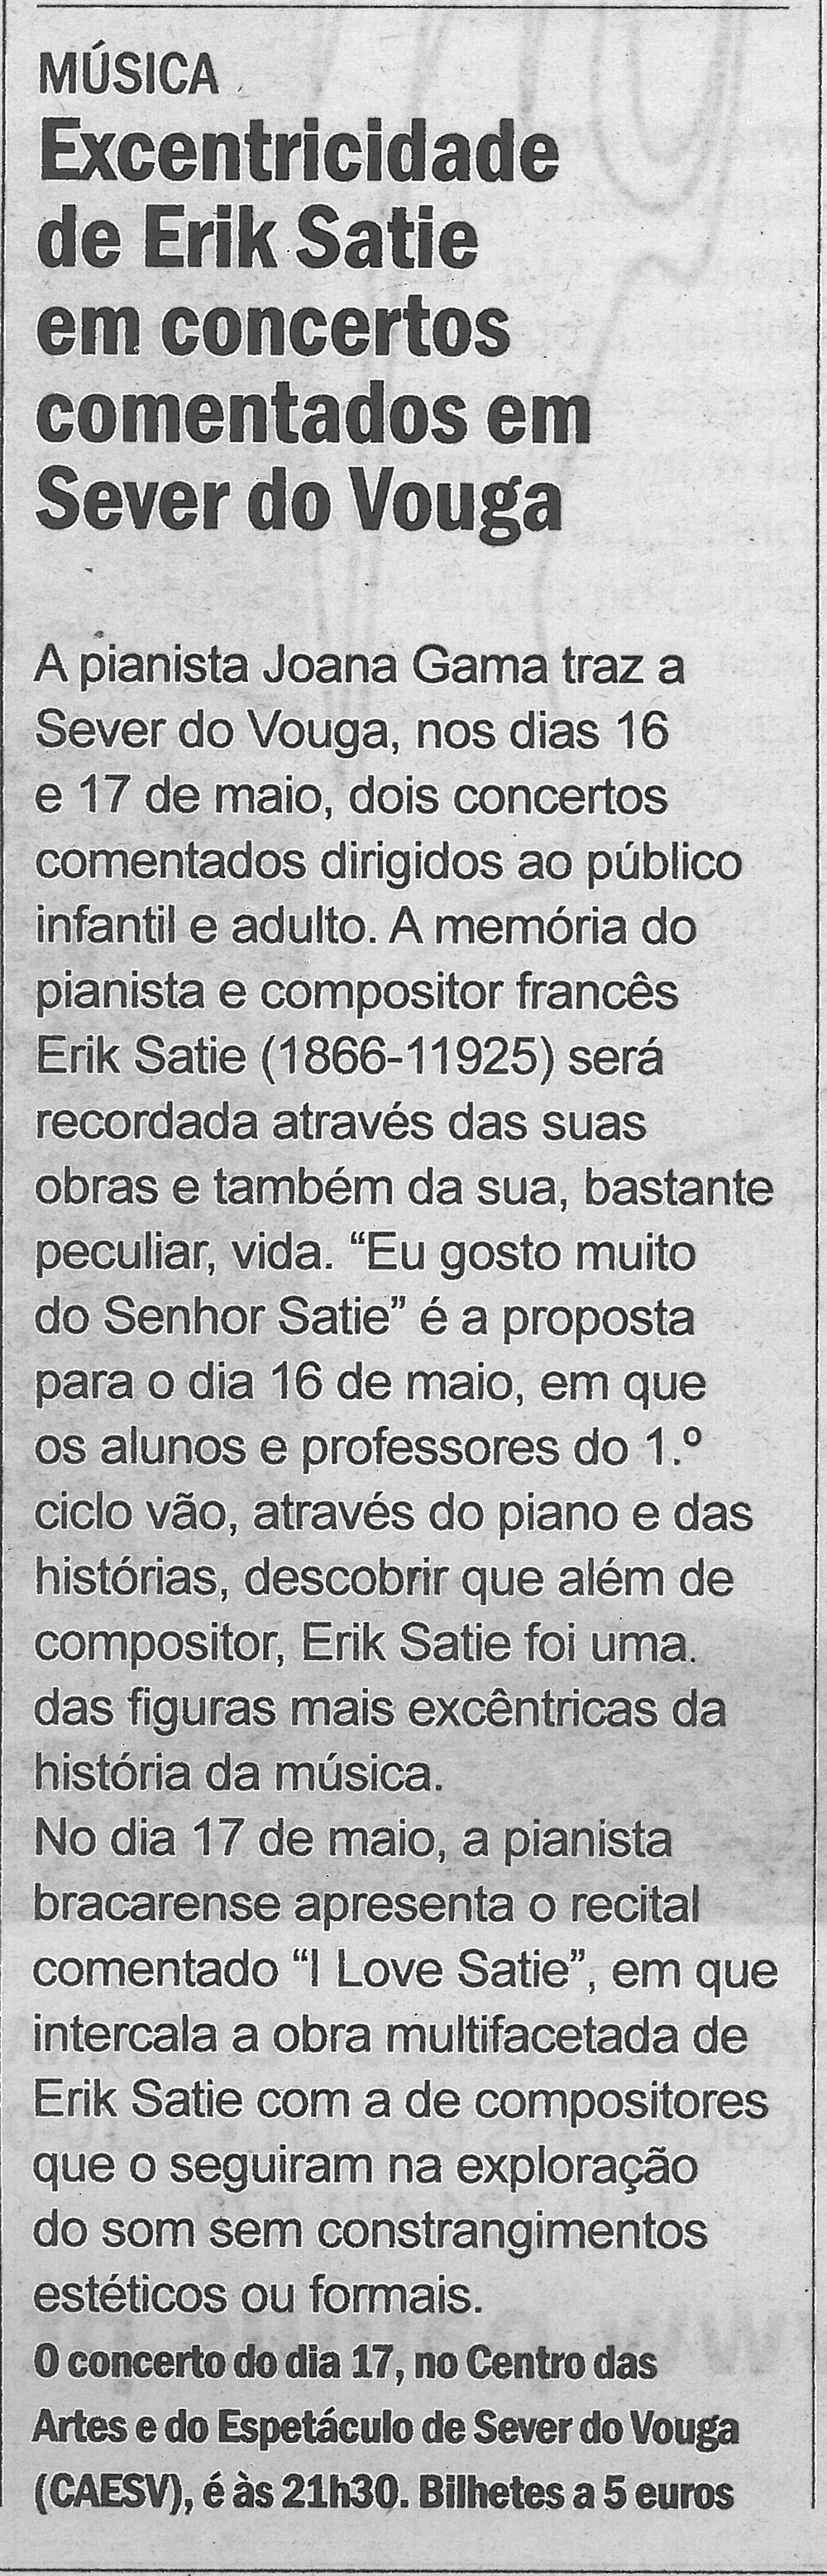 CV-15maio'19-p.12-Excentricidade de Erik Satie em concertos comentados em Sever do Vouga.jpg